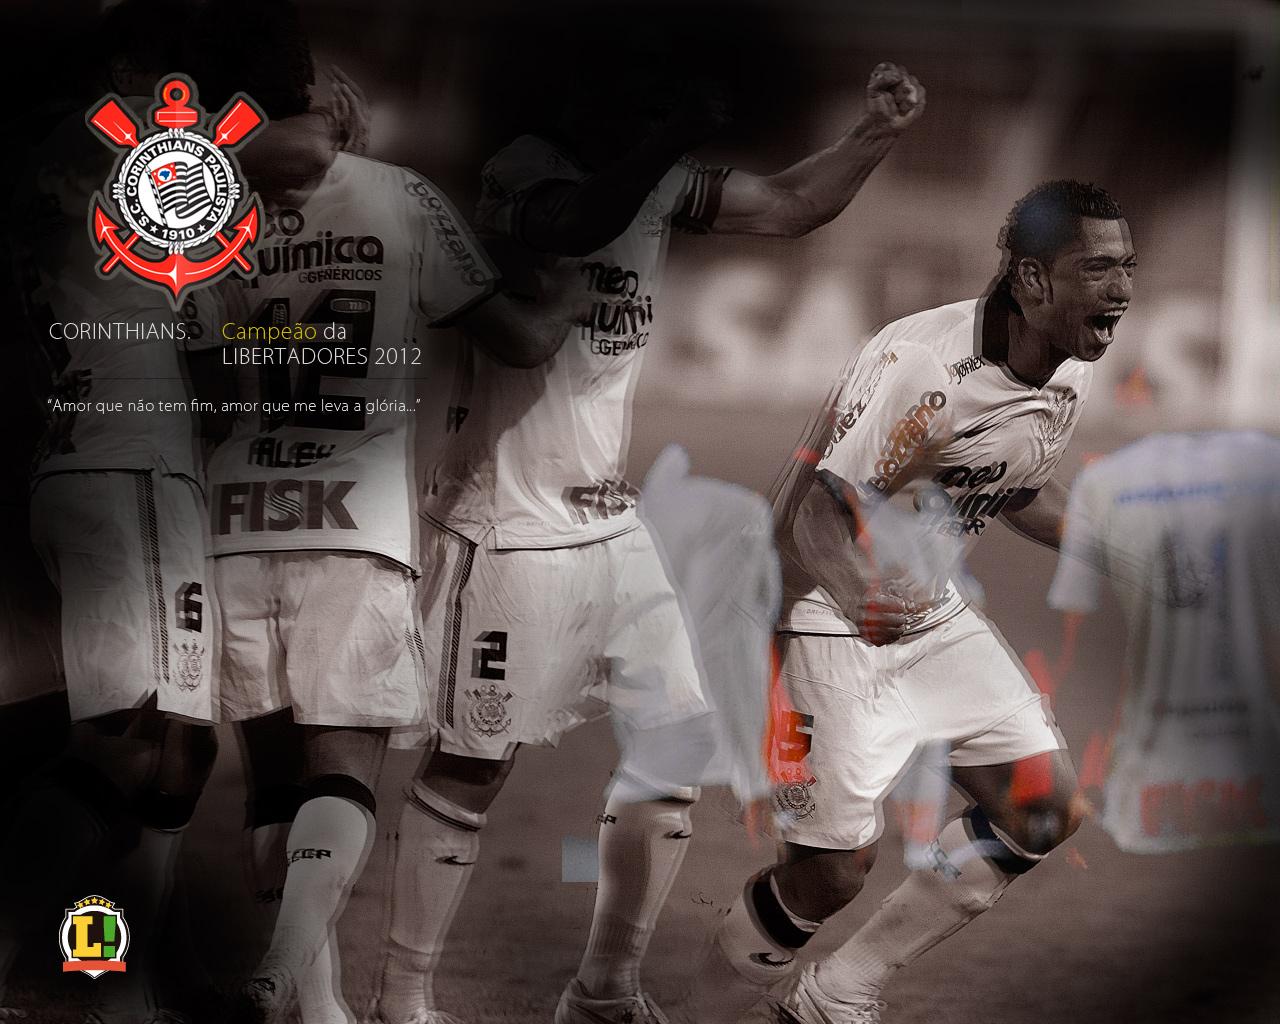 Wallpaper Corinthians Campeão da Libertadores 2012 - 07